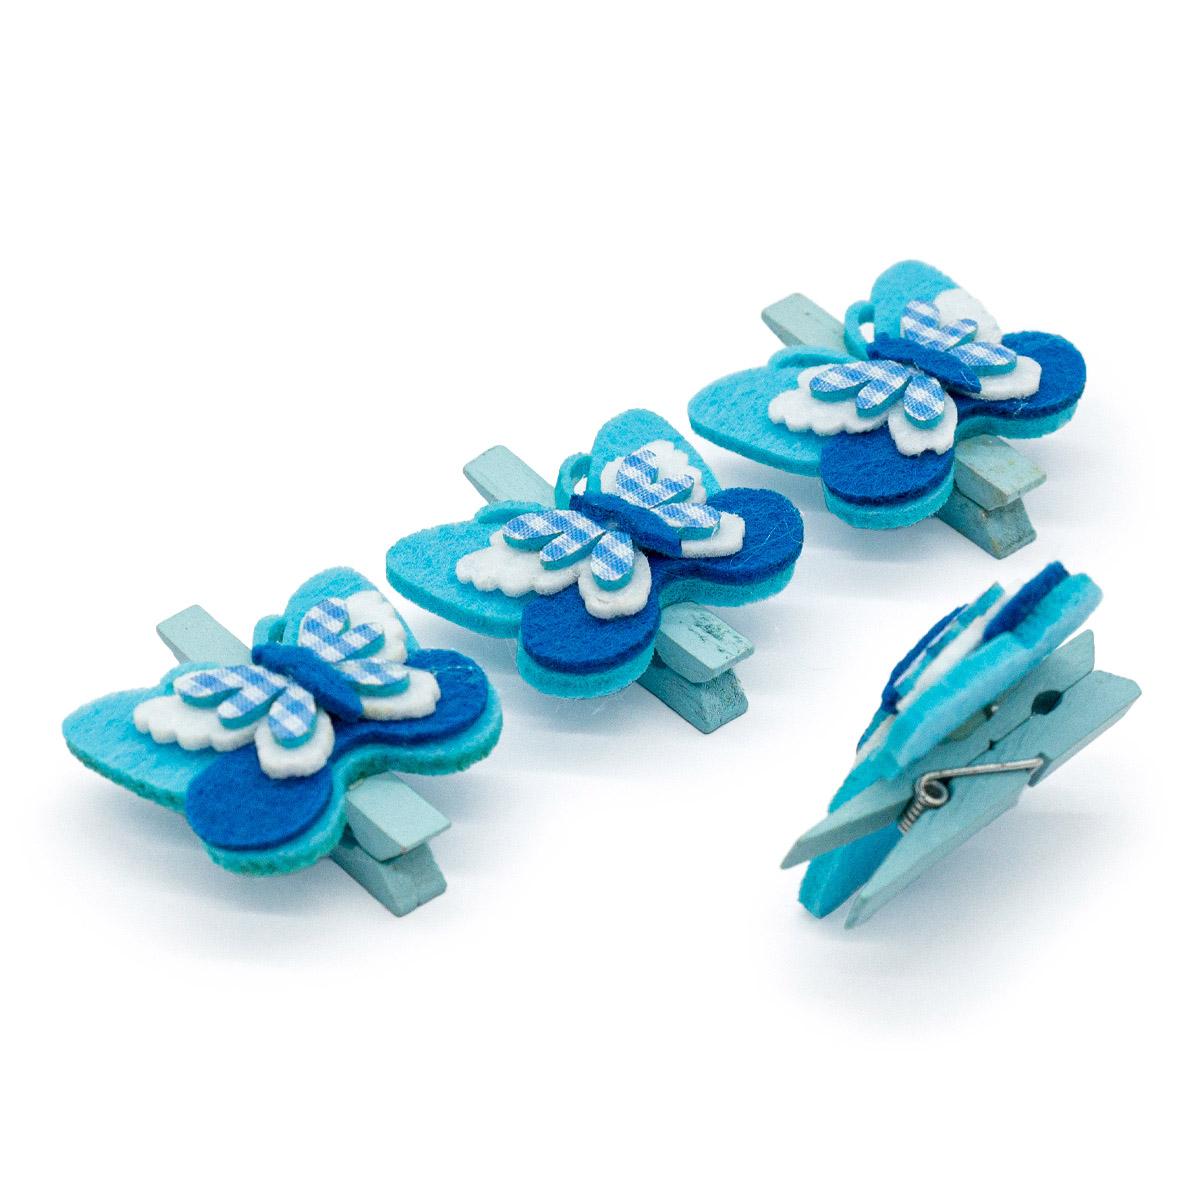 PR Набор декоративных прищепок 'Decorative Gift', упак./4 шт.